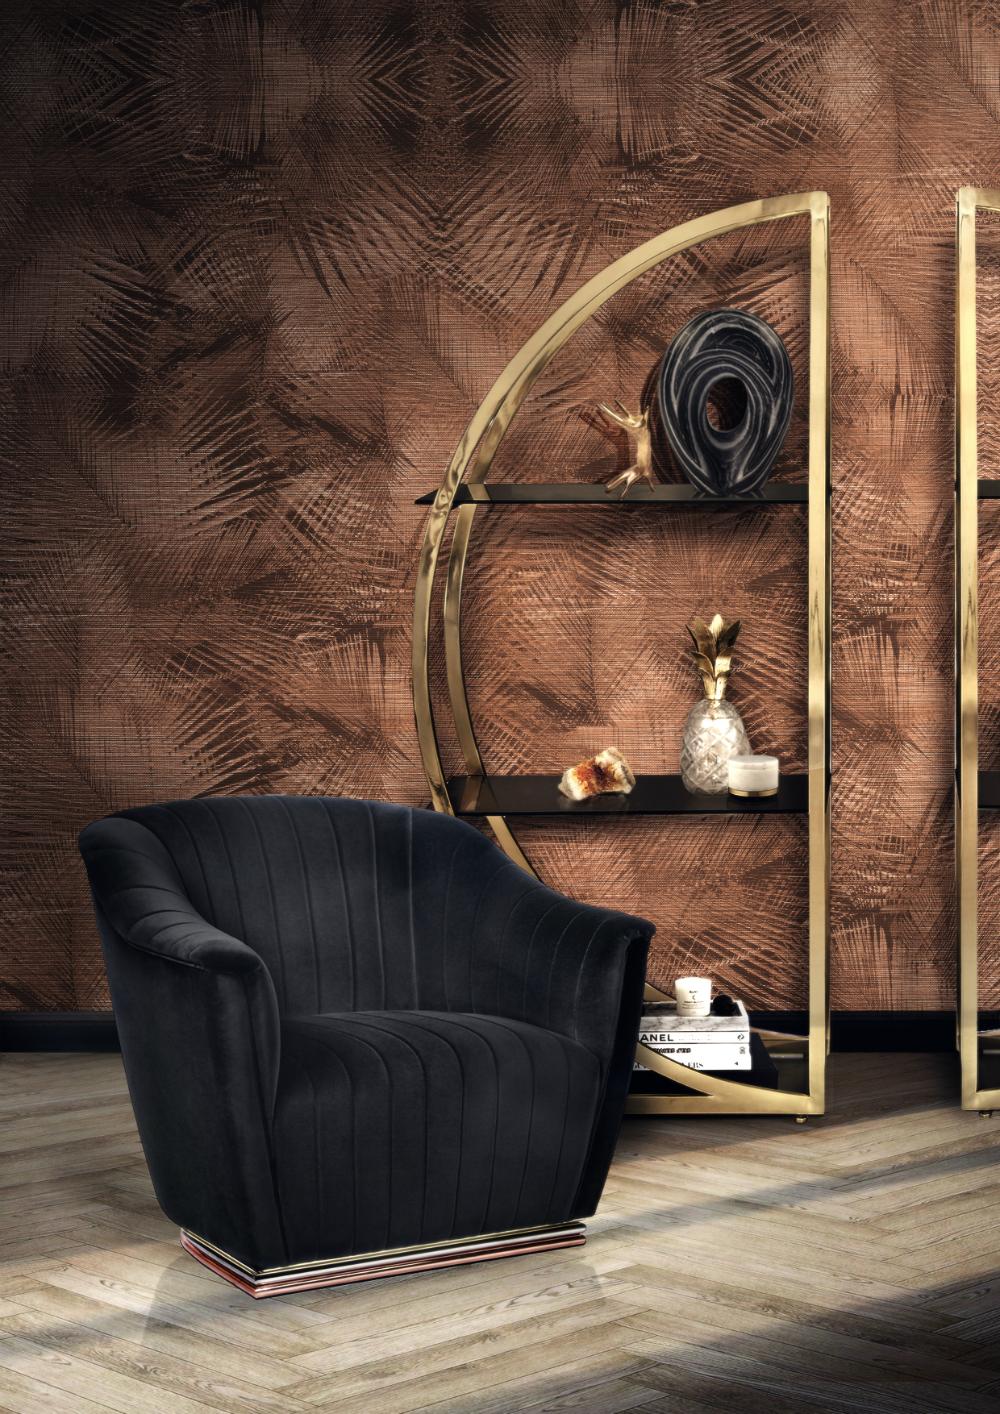 The Most Luxury Brands at Maison et Objet Paris Interior Design Trends News Homes maison et objet paris The Most Luxury Brands at Maison et Objet Paris KOket at Maison et Objet paris 2017 Hall 7